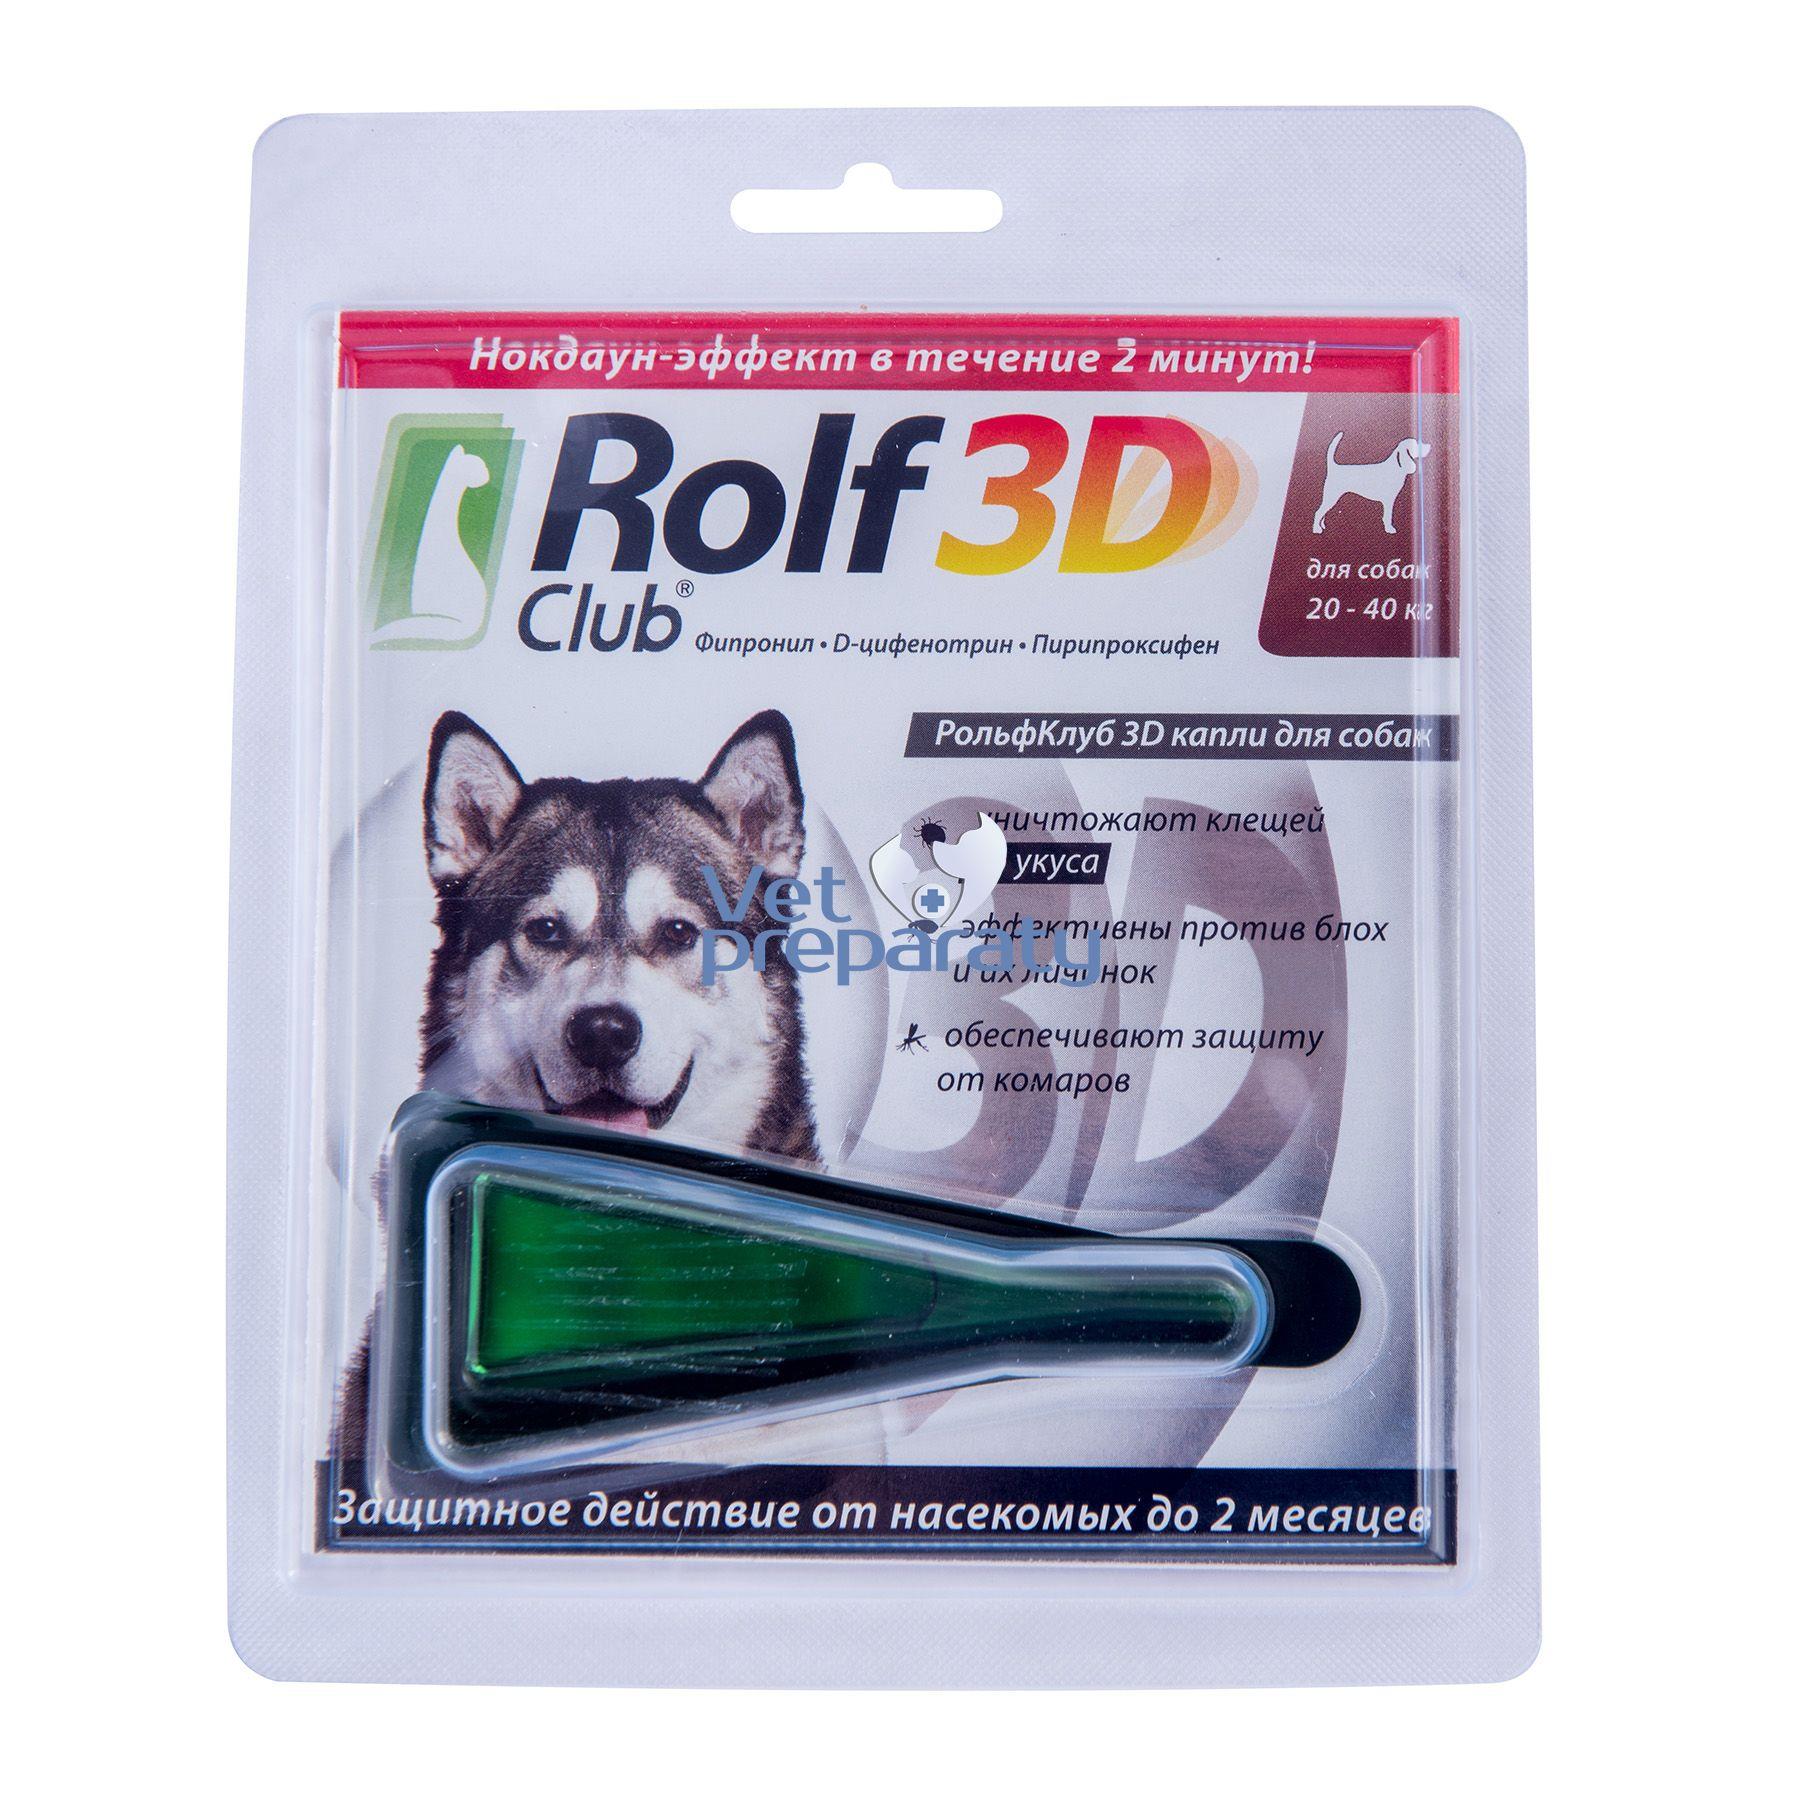 Рольф клуб 3д капли для собак: описание, инструкция и применение